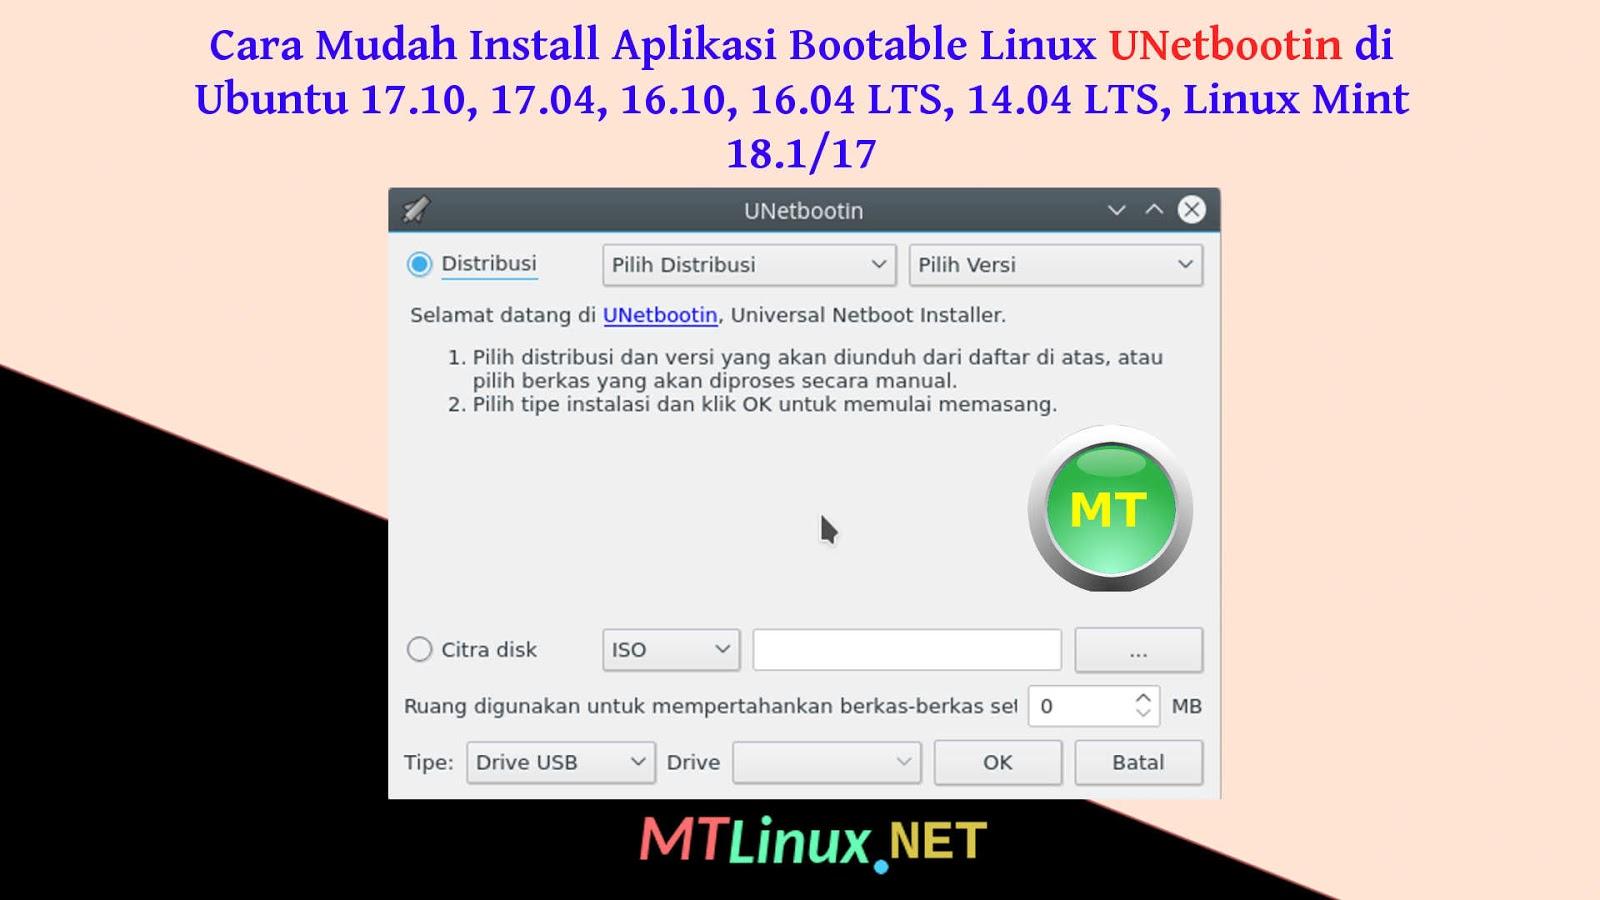 Cara Mudah Install Aplikasi Bootable Linux UNetbootin di Ubuntu 17.10, 17.04, 16.10, 16.04 LTS, 14.04 LTS, Linux Mint 18.1/17